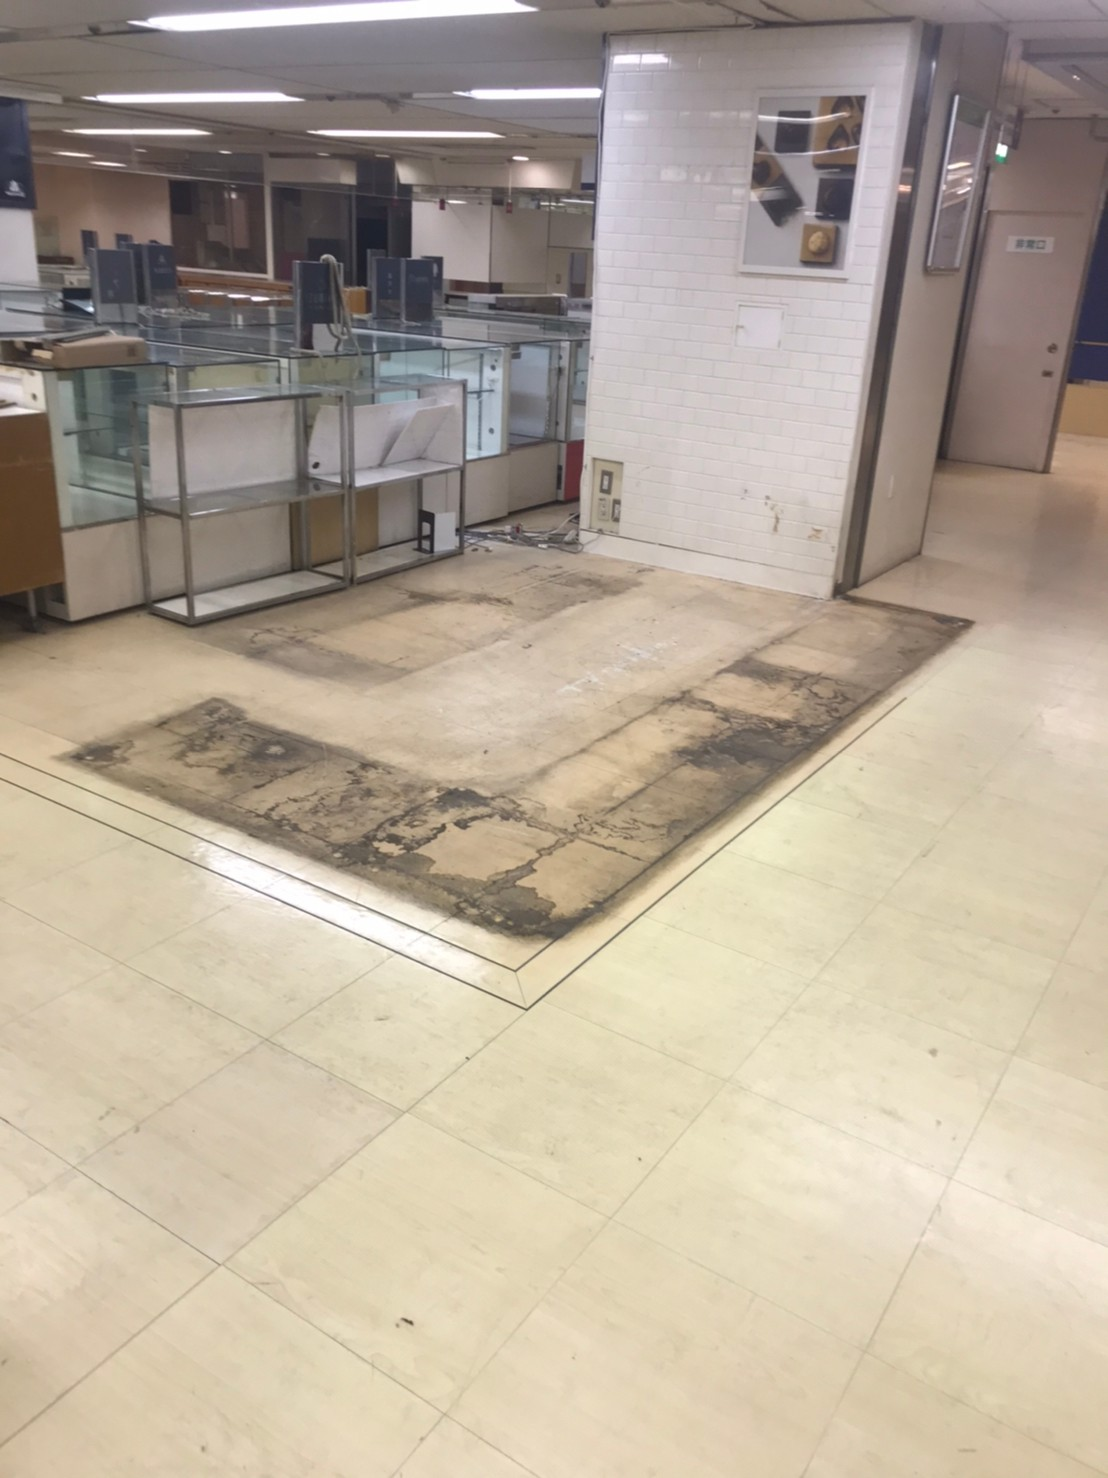 某百貨店内装解体工事のアイキャッチ